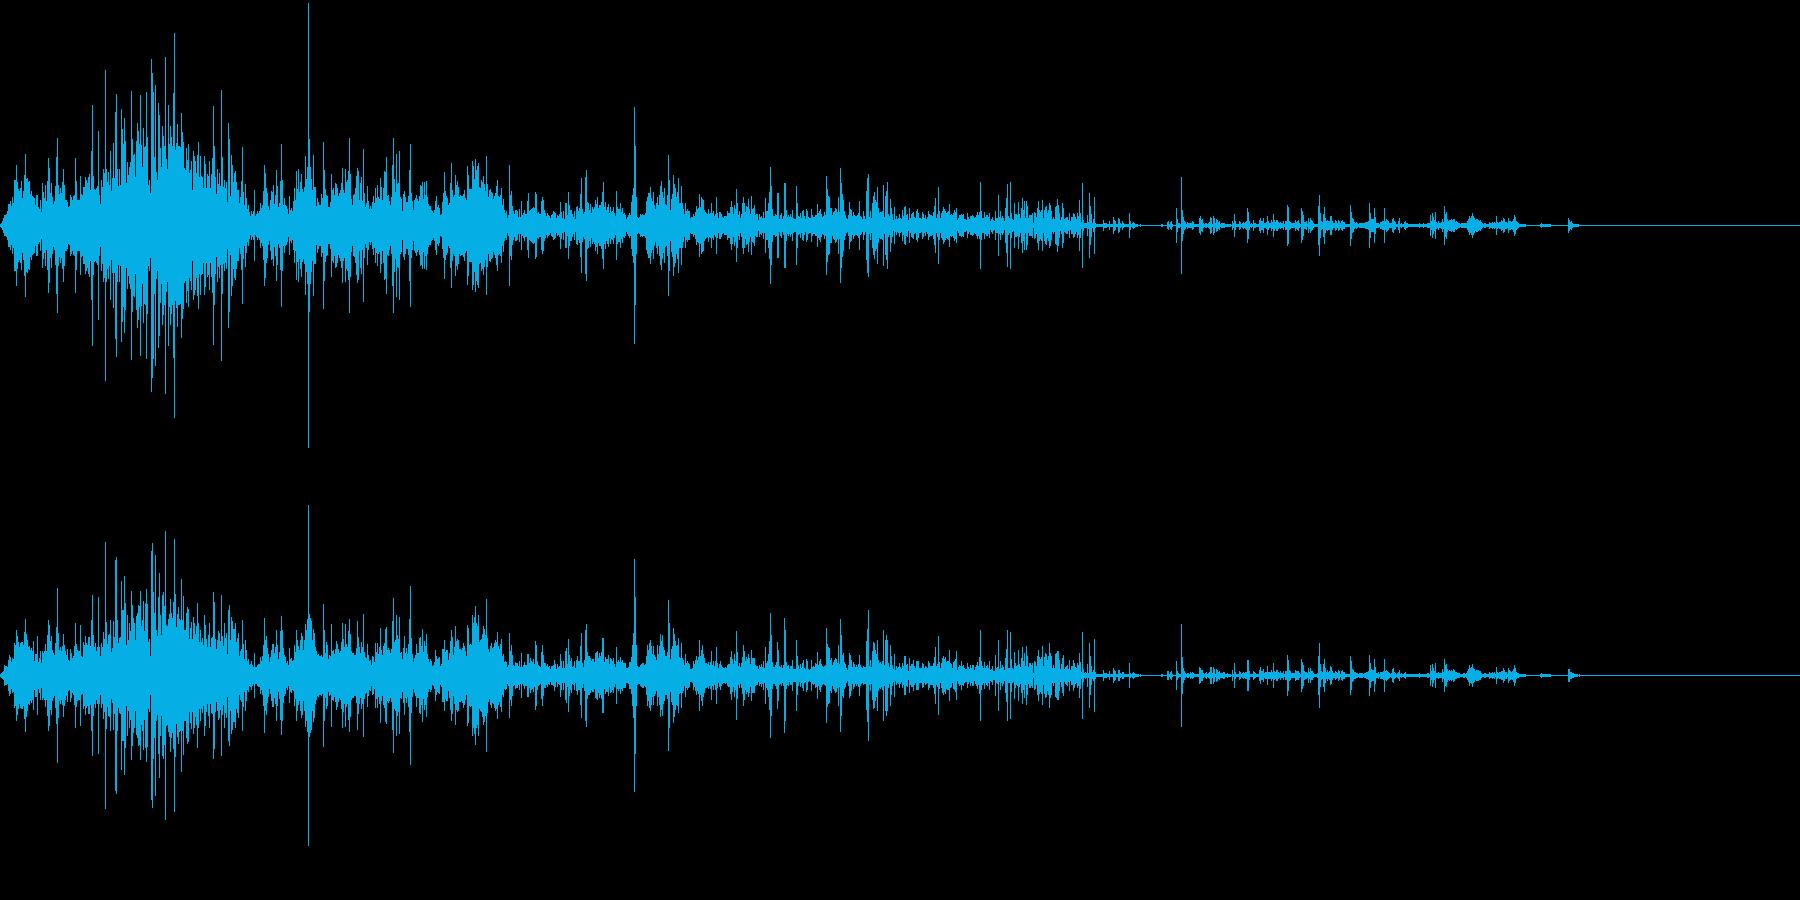 【生録音】ゴミの音 7 握りつぶすの再生済みの波形